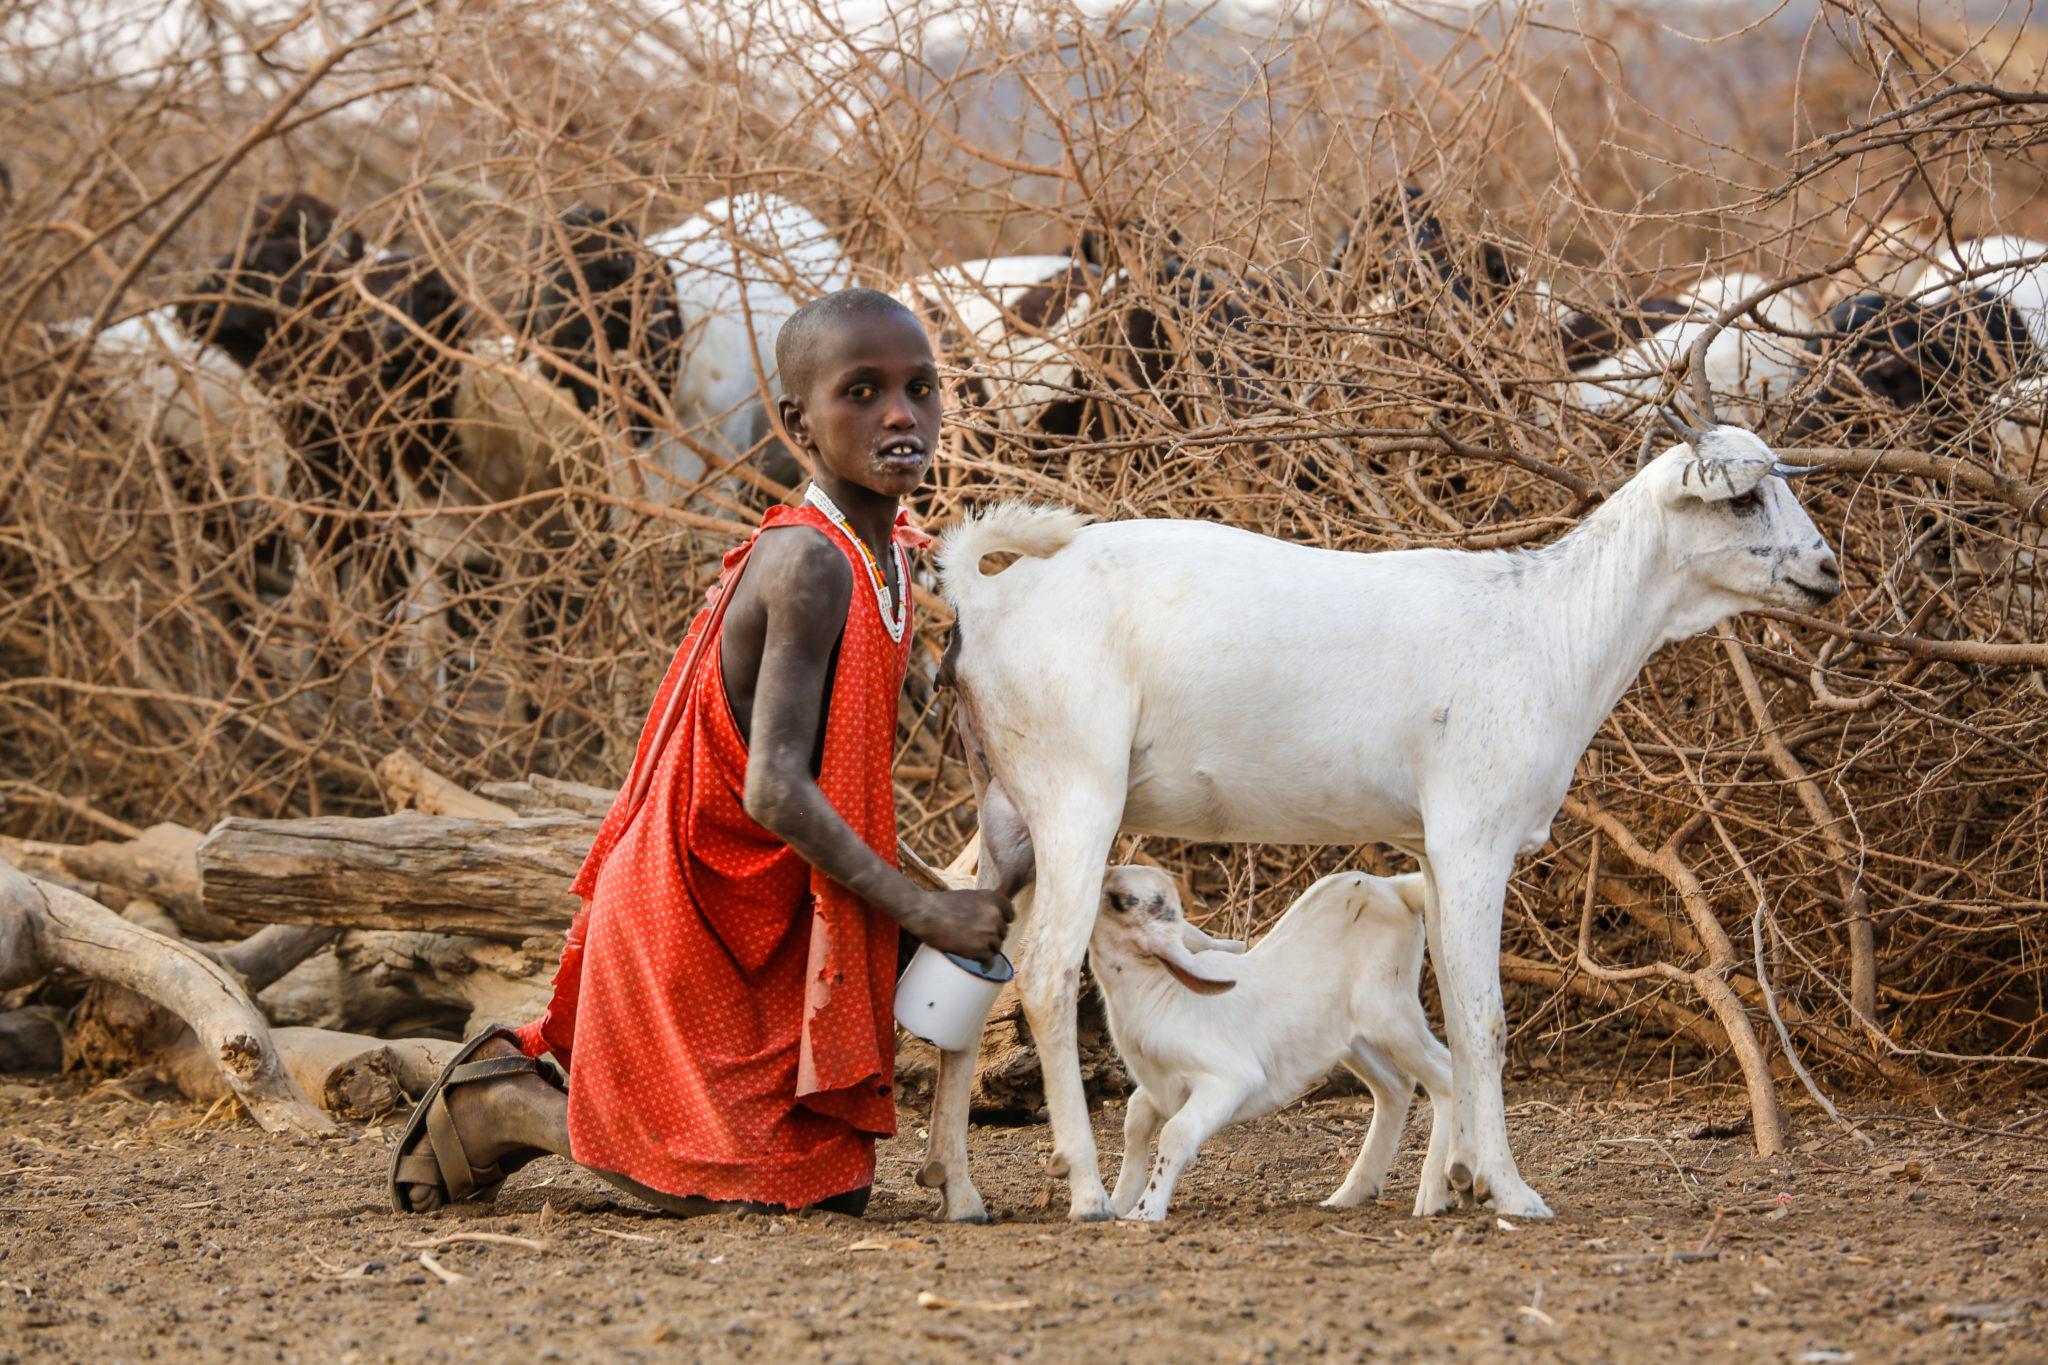 Young Maasai Boy Milking Goat - Mar Gone Wild